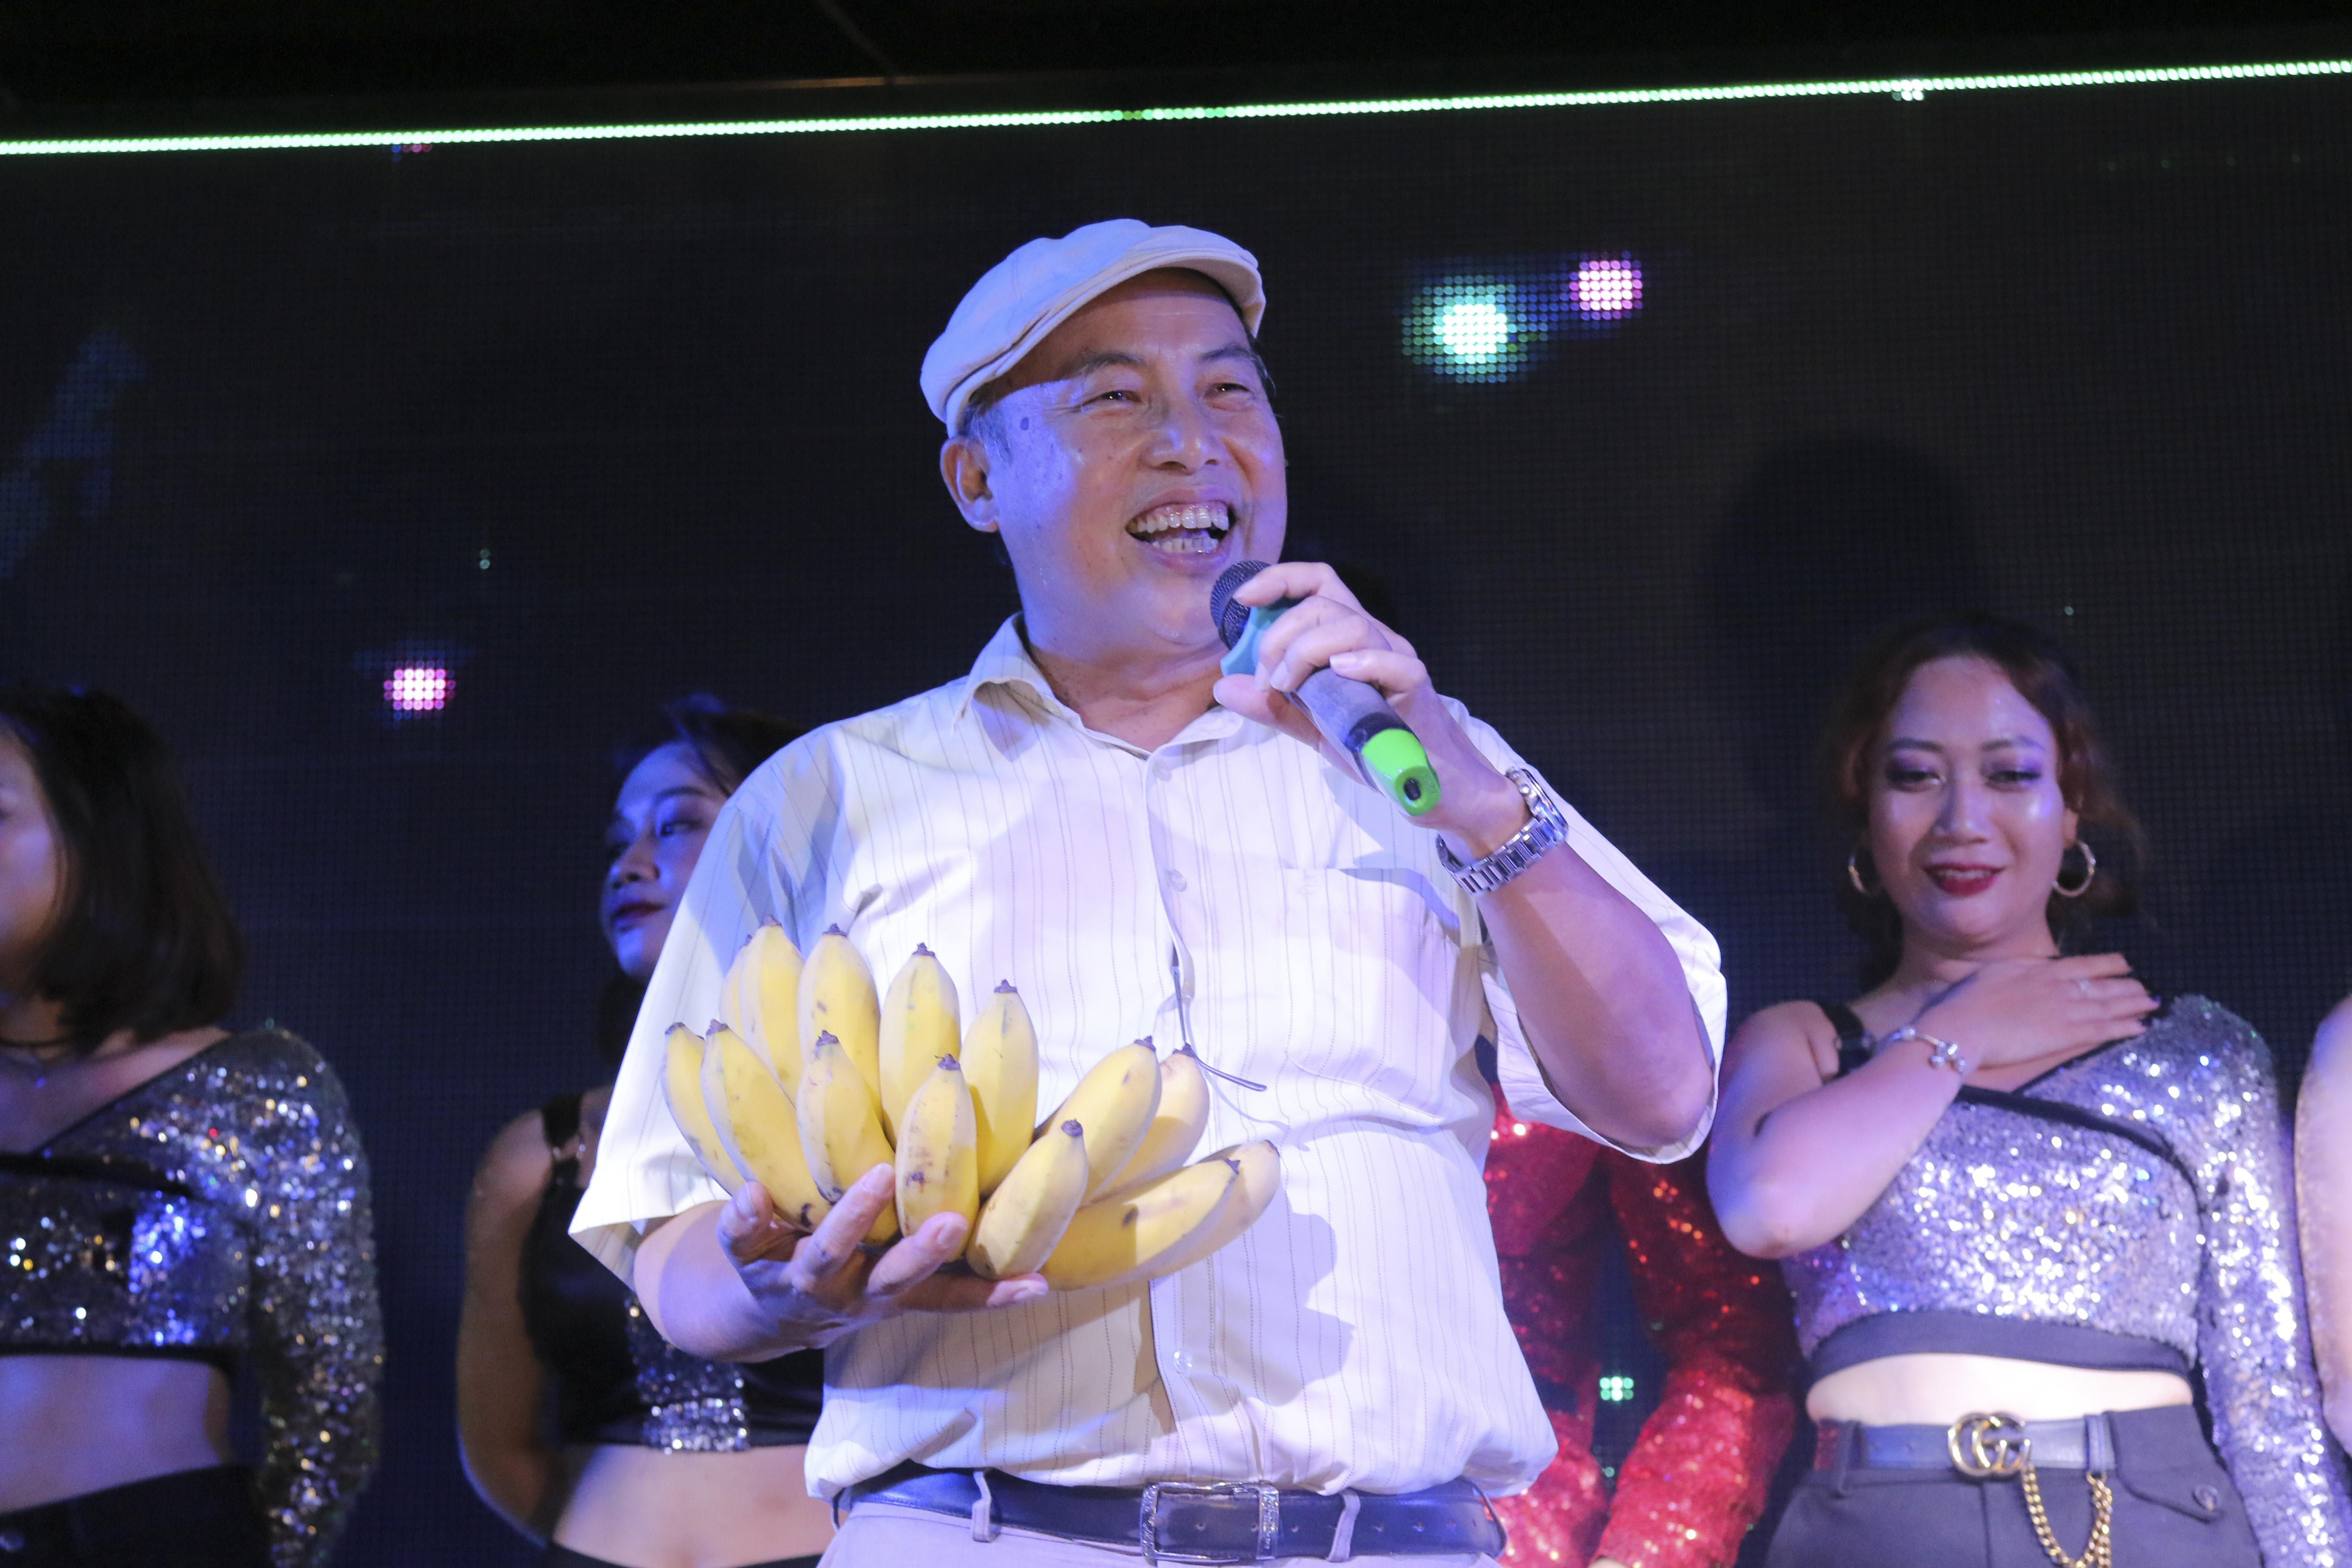 Món quà dành cho đội giải nhất là một... nải chuối siêu to khổng lồ được trao bởi thầy Trần Đình Trí - giảng viên IT ĐH FPT.